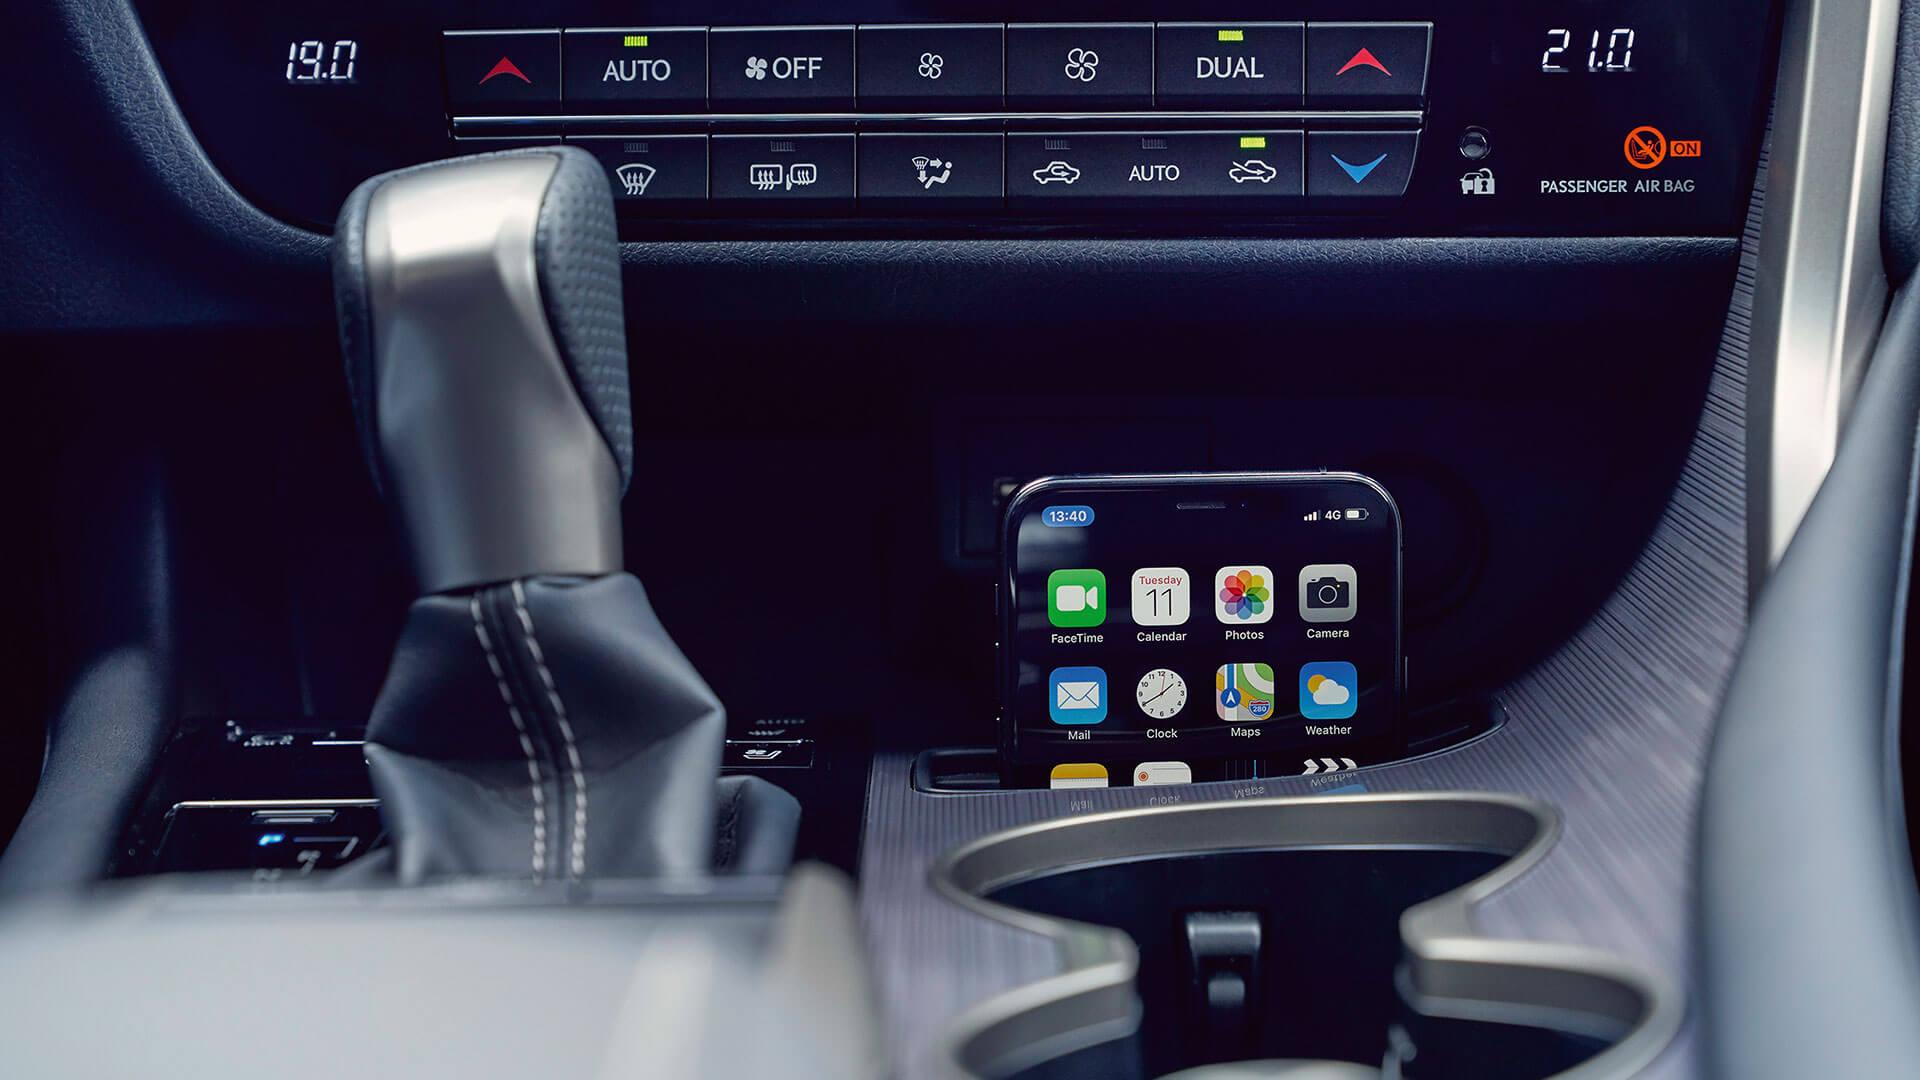 2019 lexus rxl hotspot smartphone integration